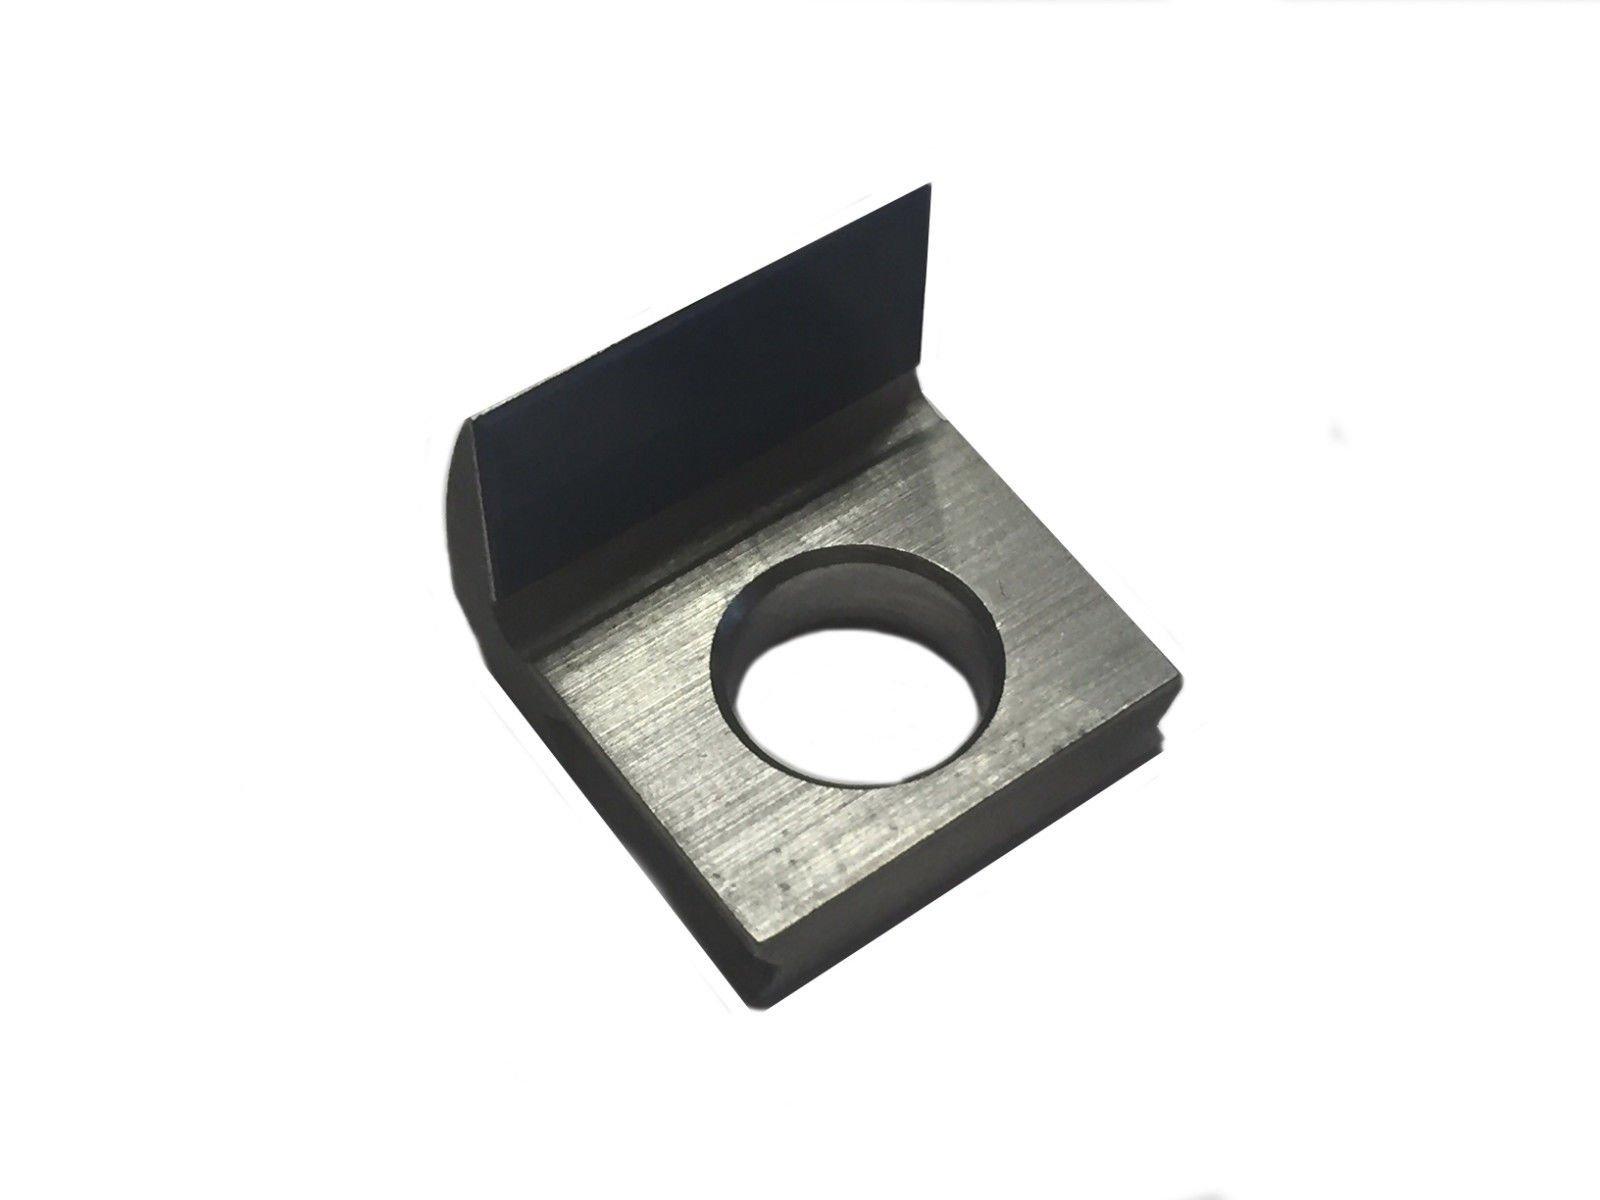 Impression Transfer Cylinder Gripper Finger Heidelberg SM52 SM74 by PPE